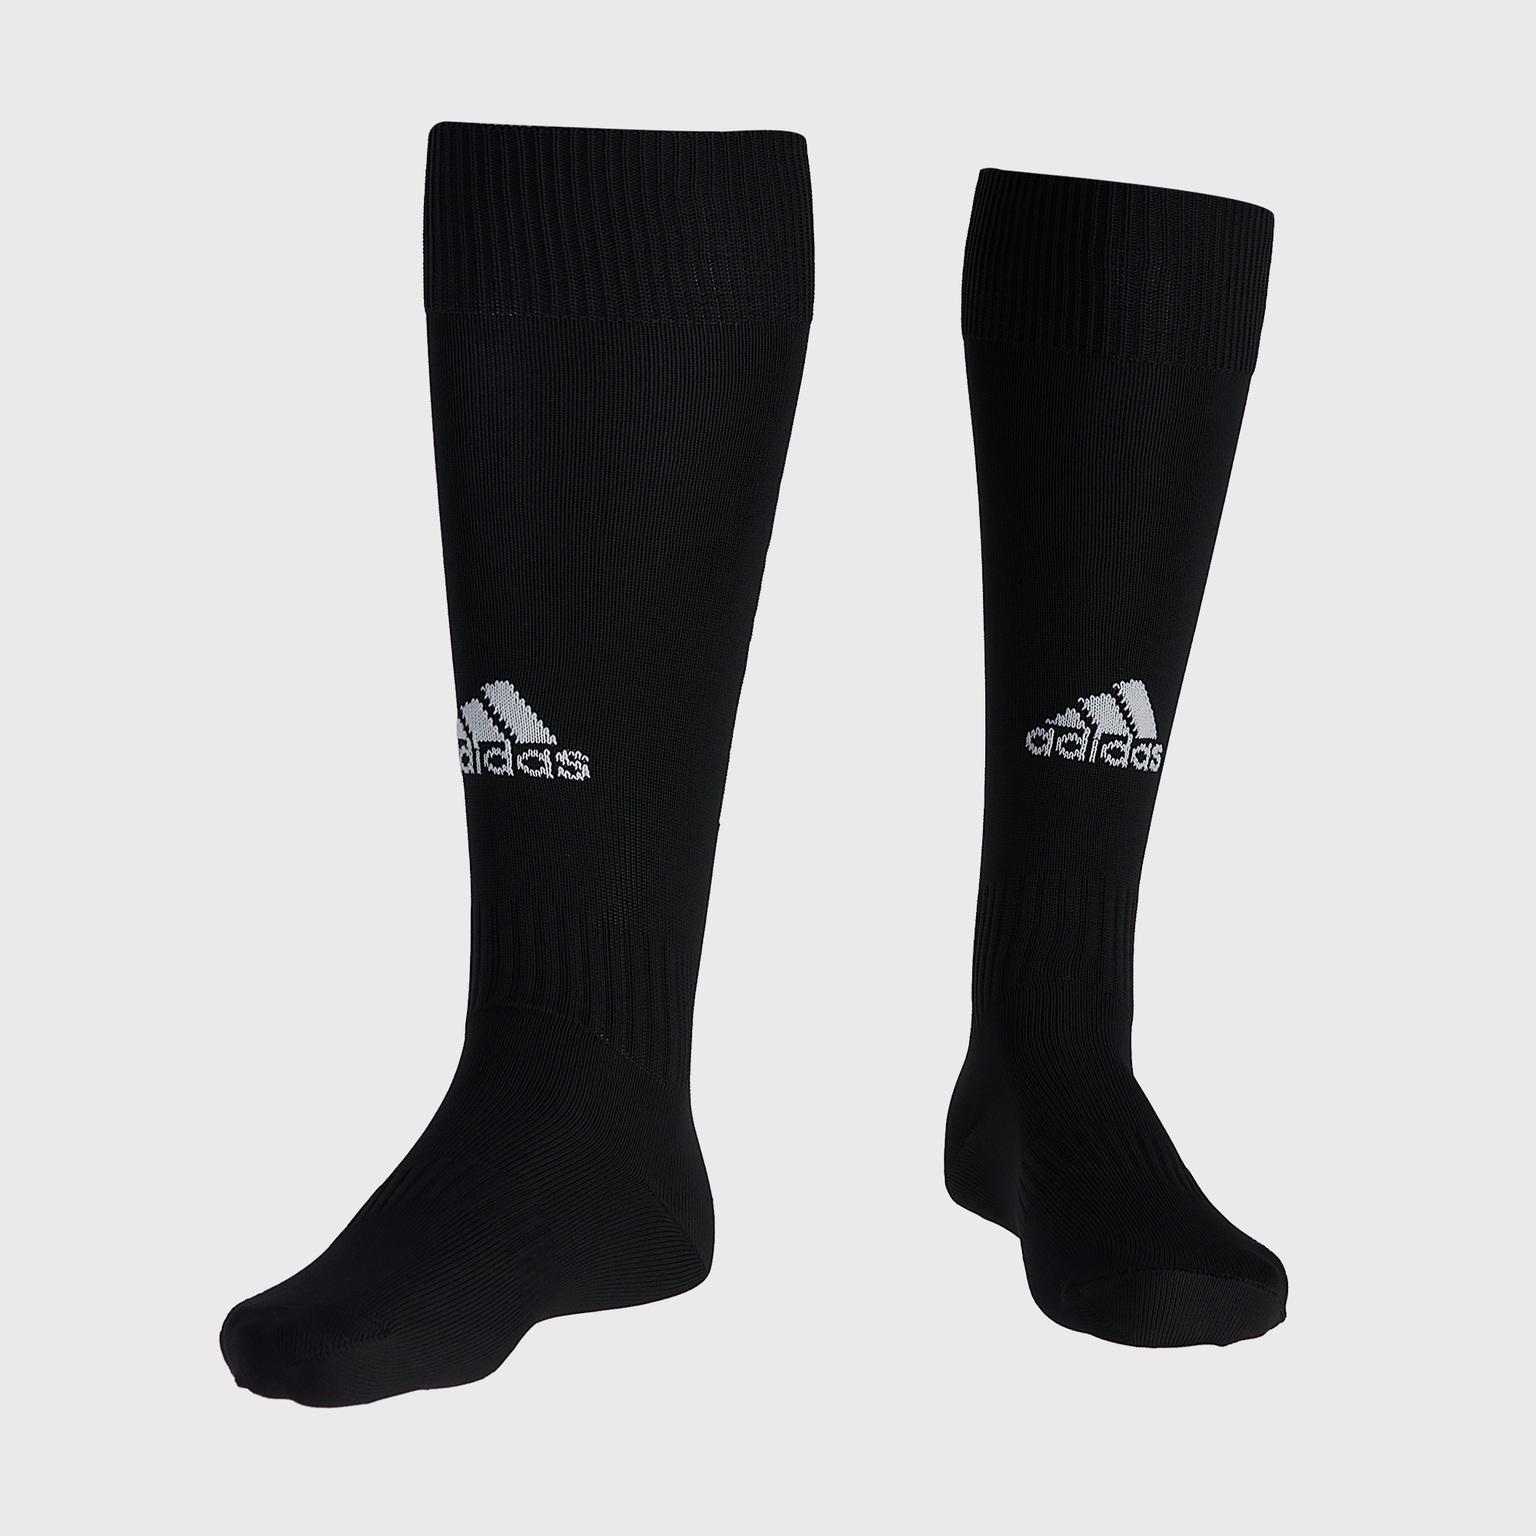 Гетры Adidas Santos Sock 18 CV3588 гетры футбольные adidas santos sock 18 цвет красный cv8096 размер 40 42